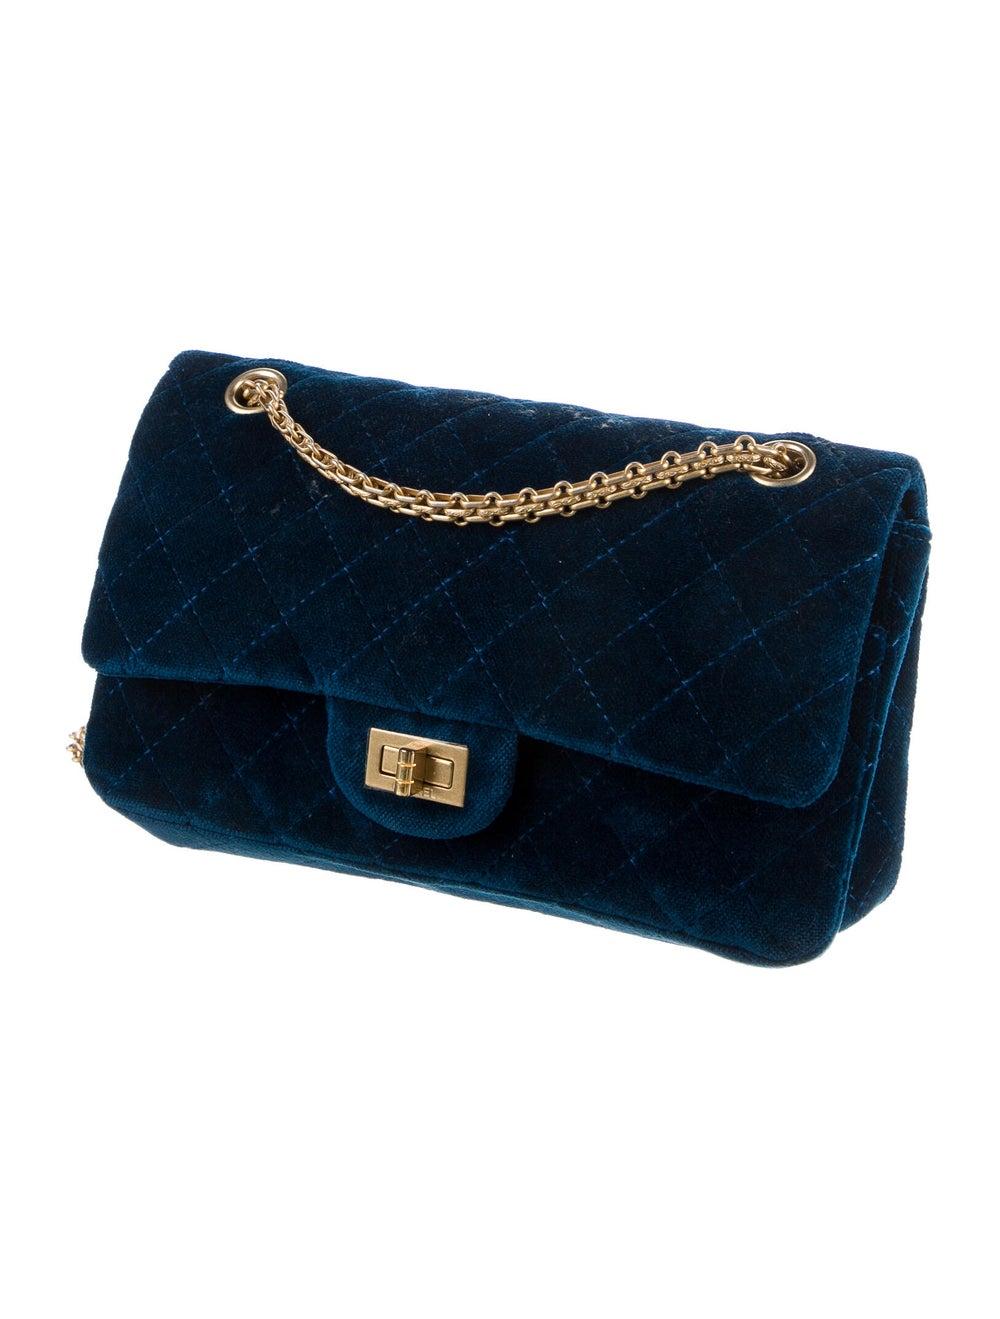 Chanel Velvet Reissue 225 Flap Bag Blue - image 3